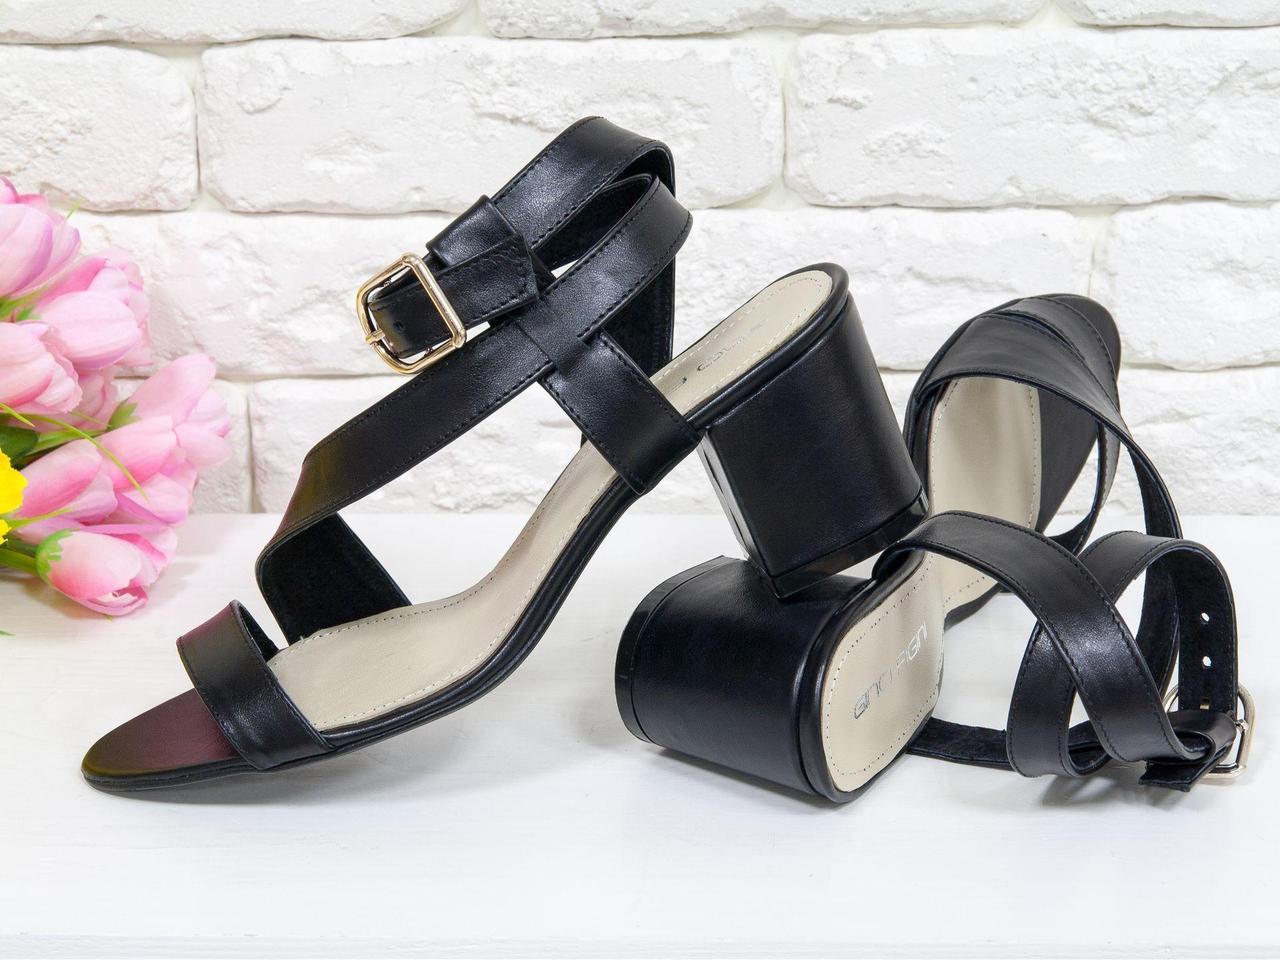 Удобные кожаные Босоножки черного цвета на невысоком каблуке